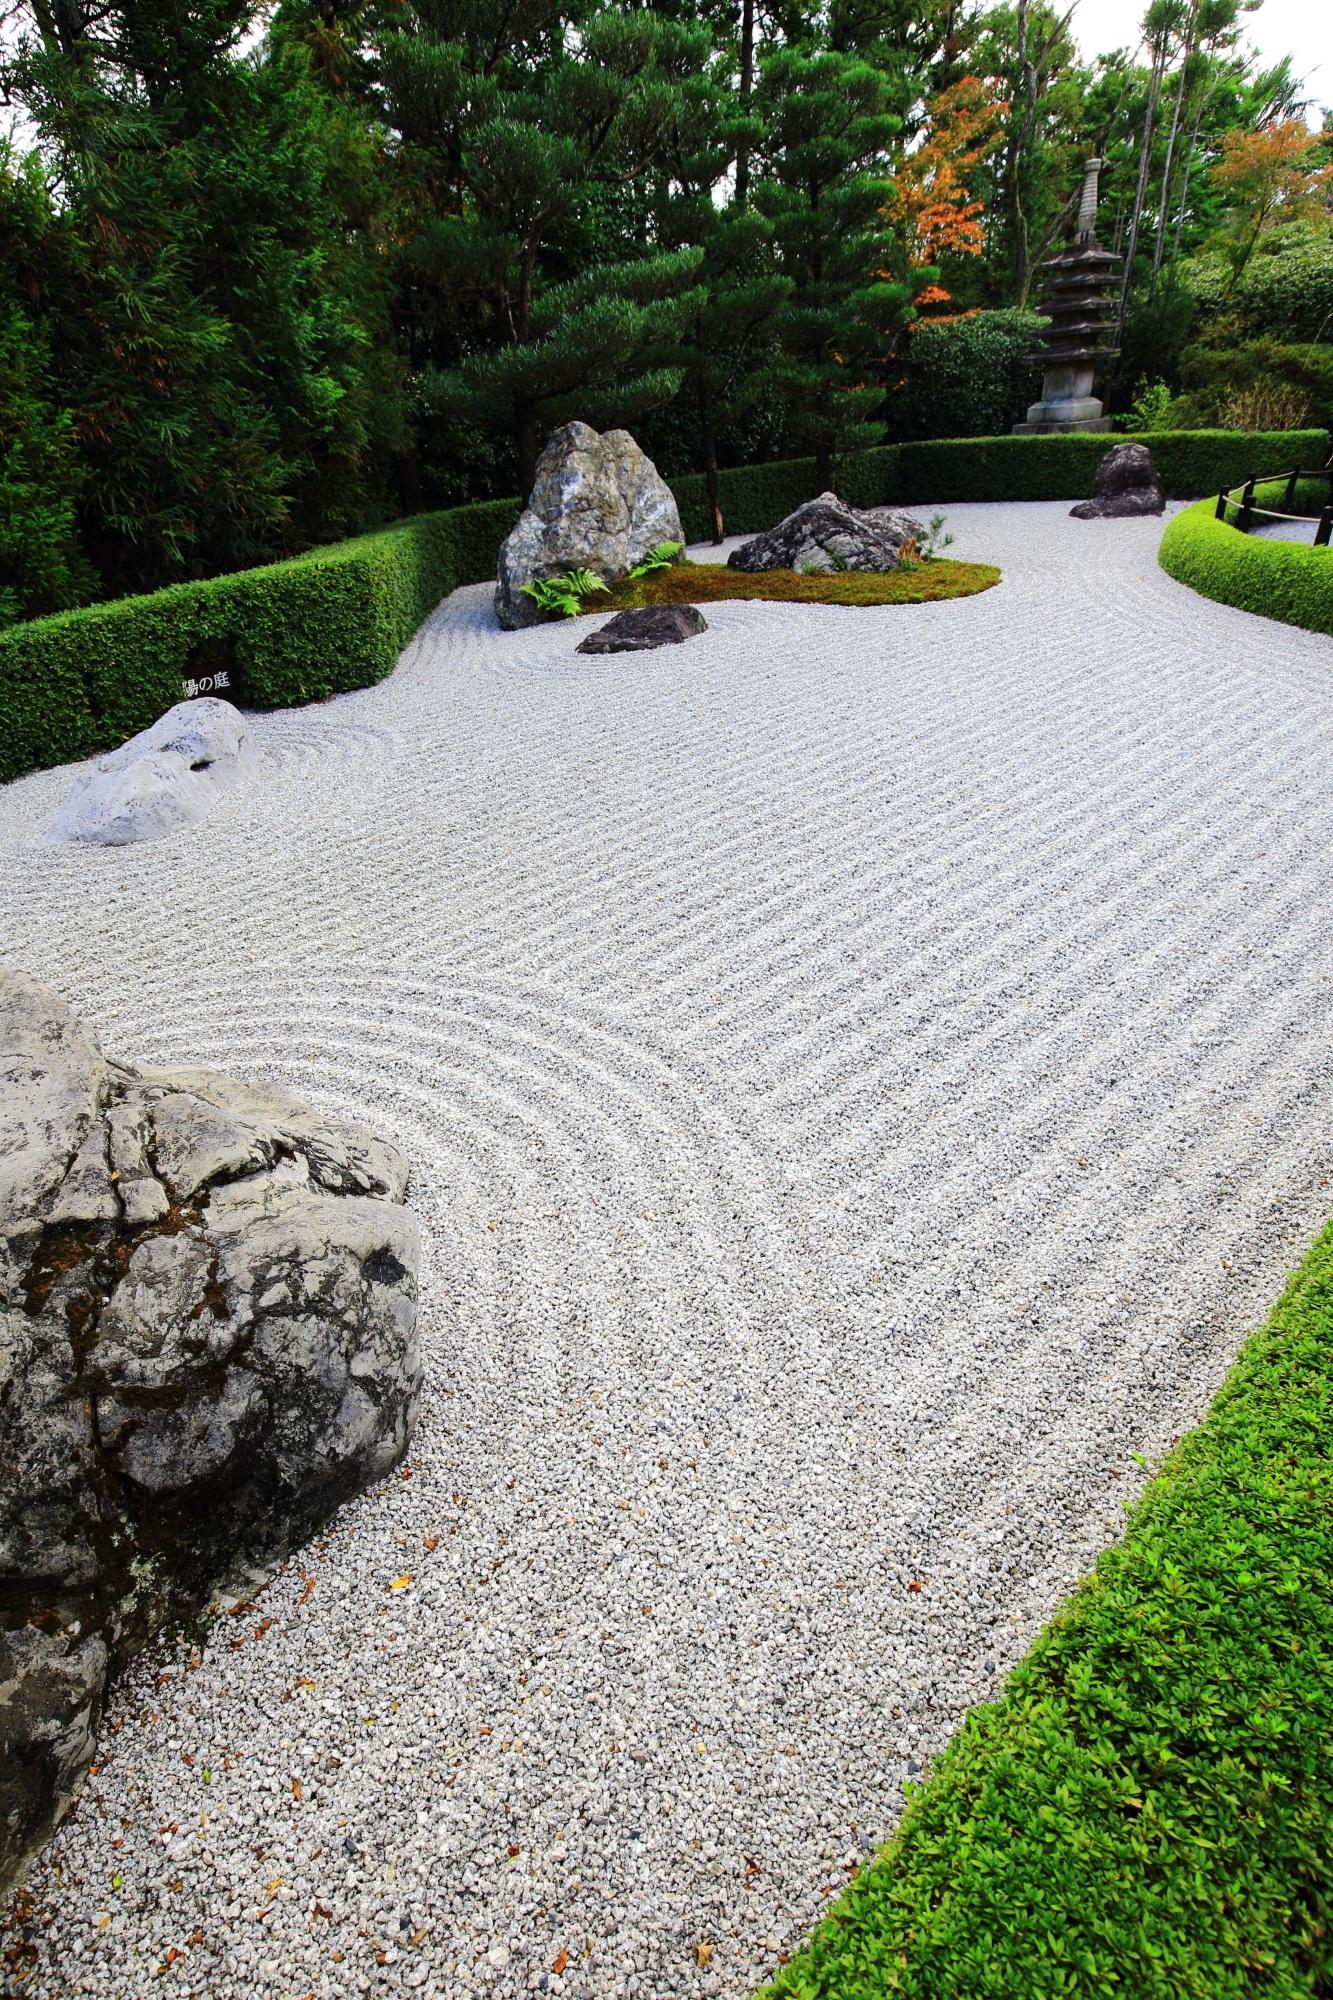 鮮やかな緑につつまれた白砂の美しい枯山水庭園である退蔵院の陰陽の庭